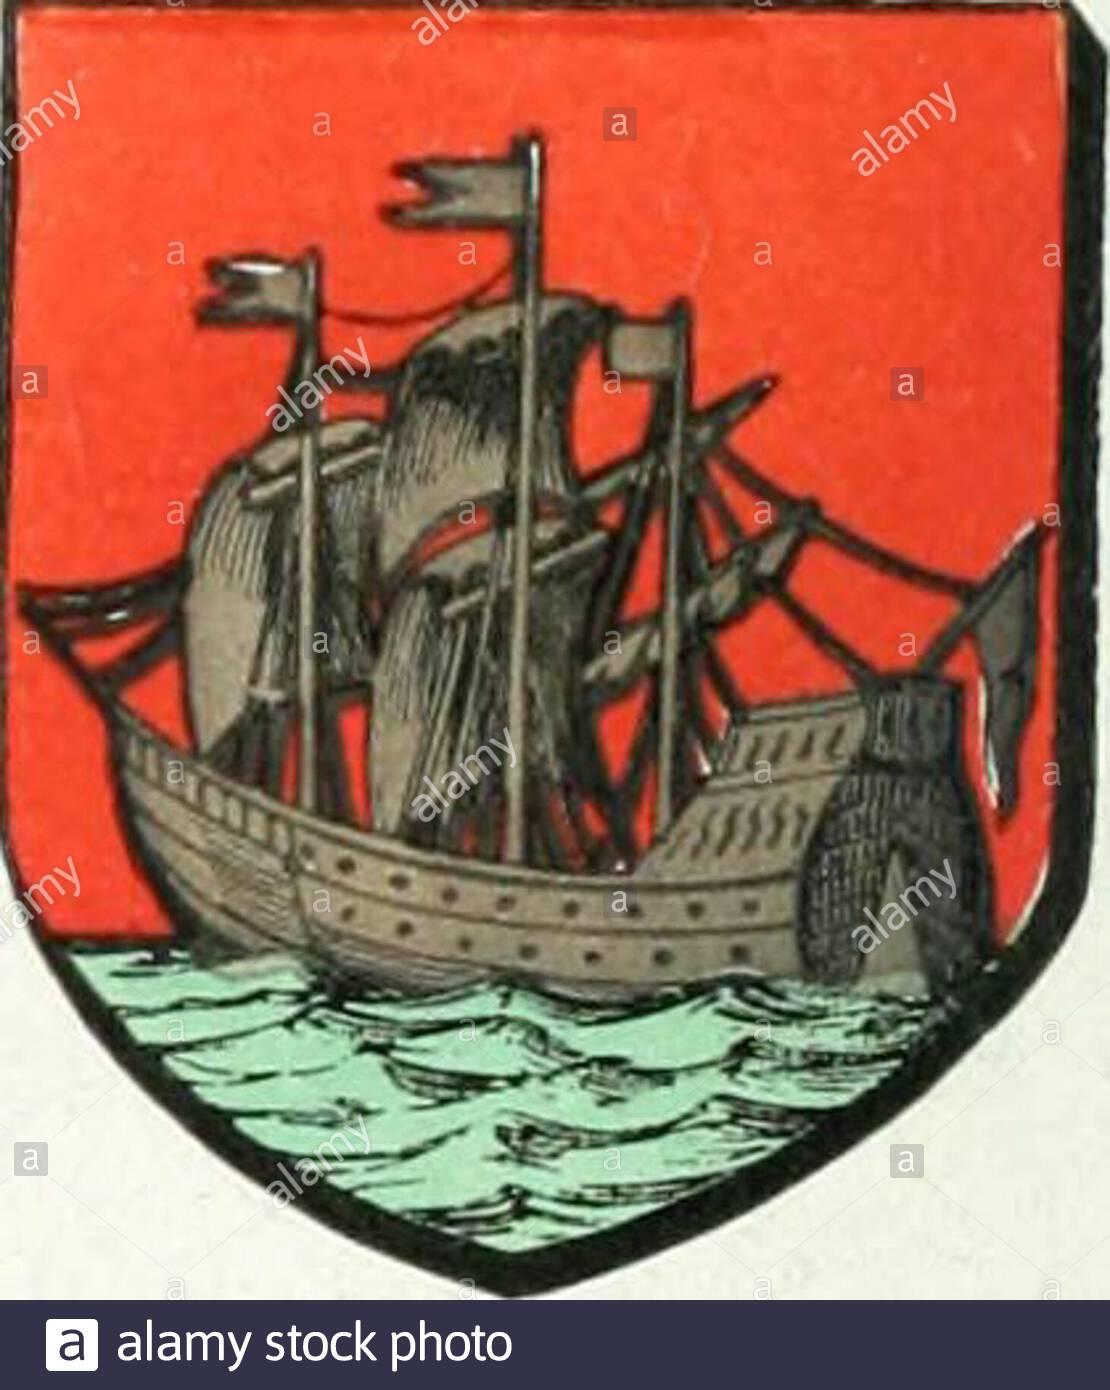 histoire des villes de france avec une introduction gnrale pour chaque province drlcan ctt uodcuf 2AFRFTX